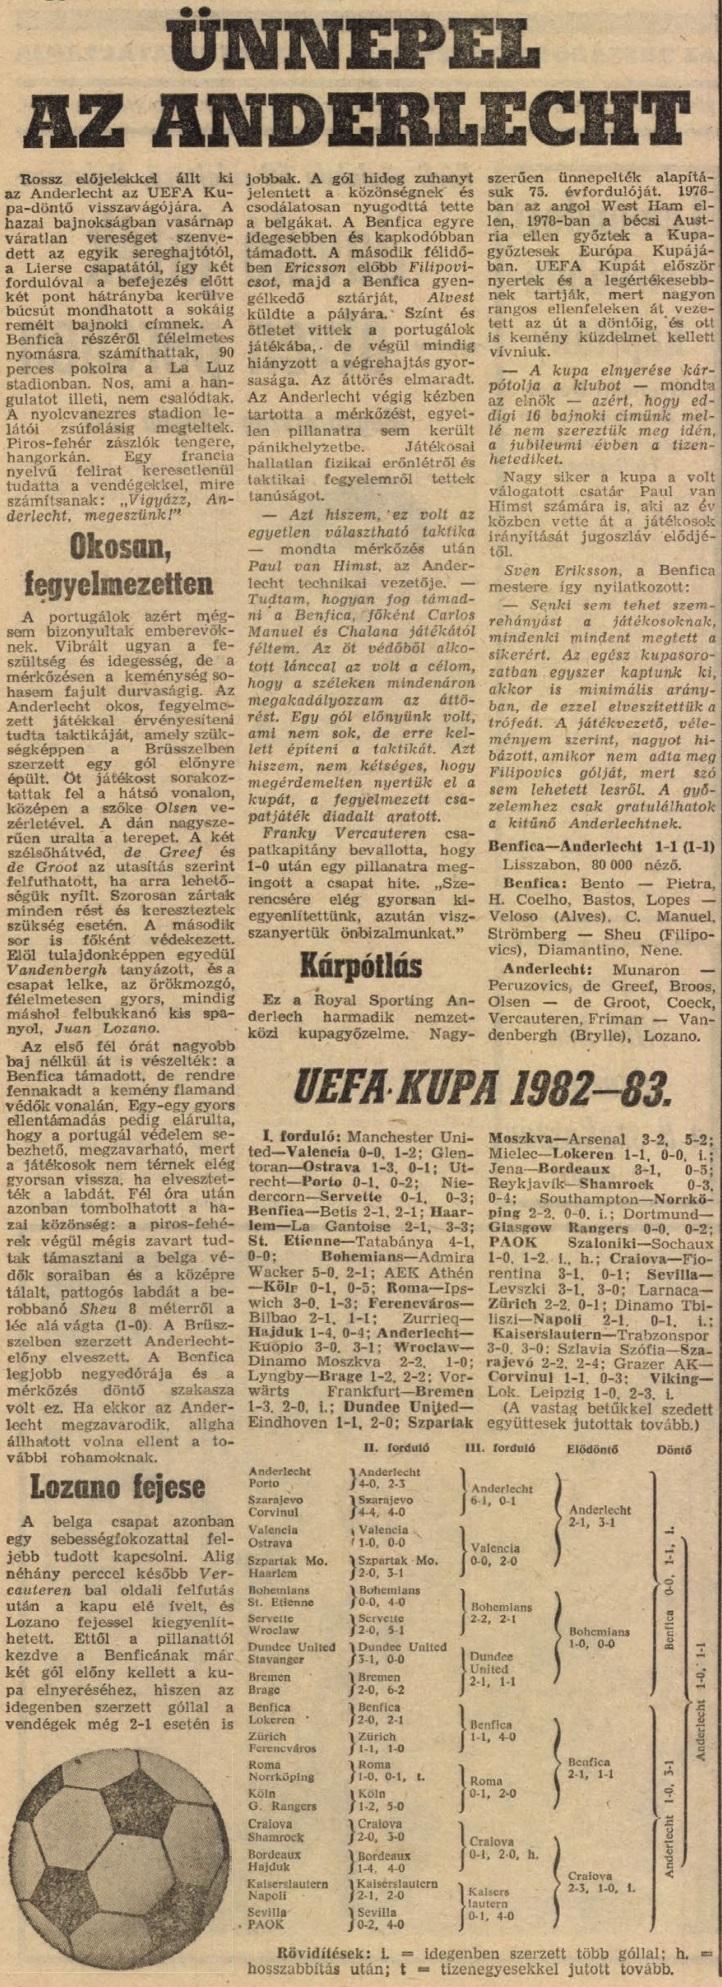 idokapszula_nb_i_1982_83_25_fordulo_uefa_kupa_benfica_anderlecht.jpg